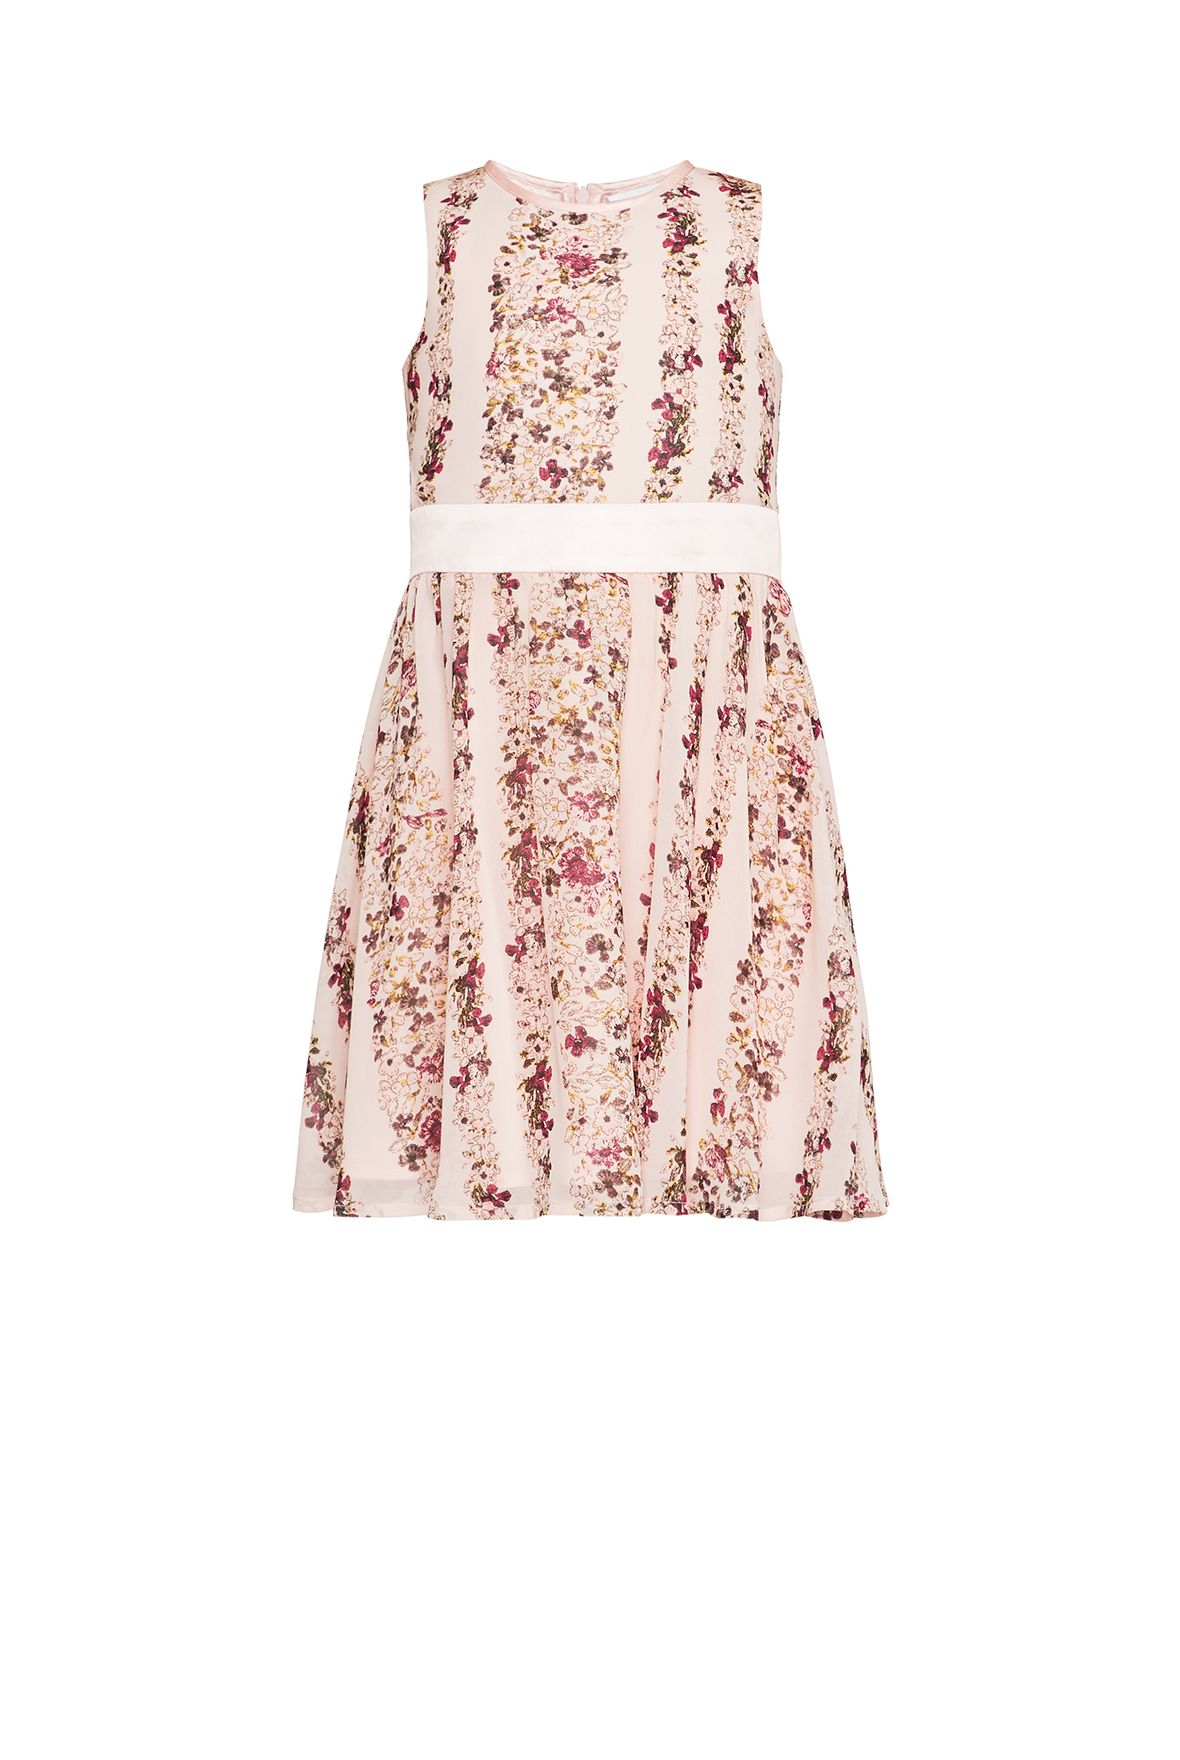 Vestido-BCBGirls-rosa-con-flores-B638DR205_RPL_e